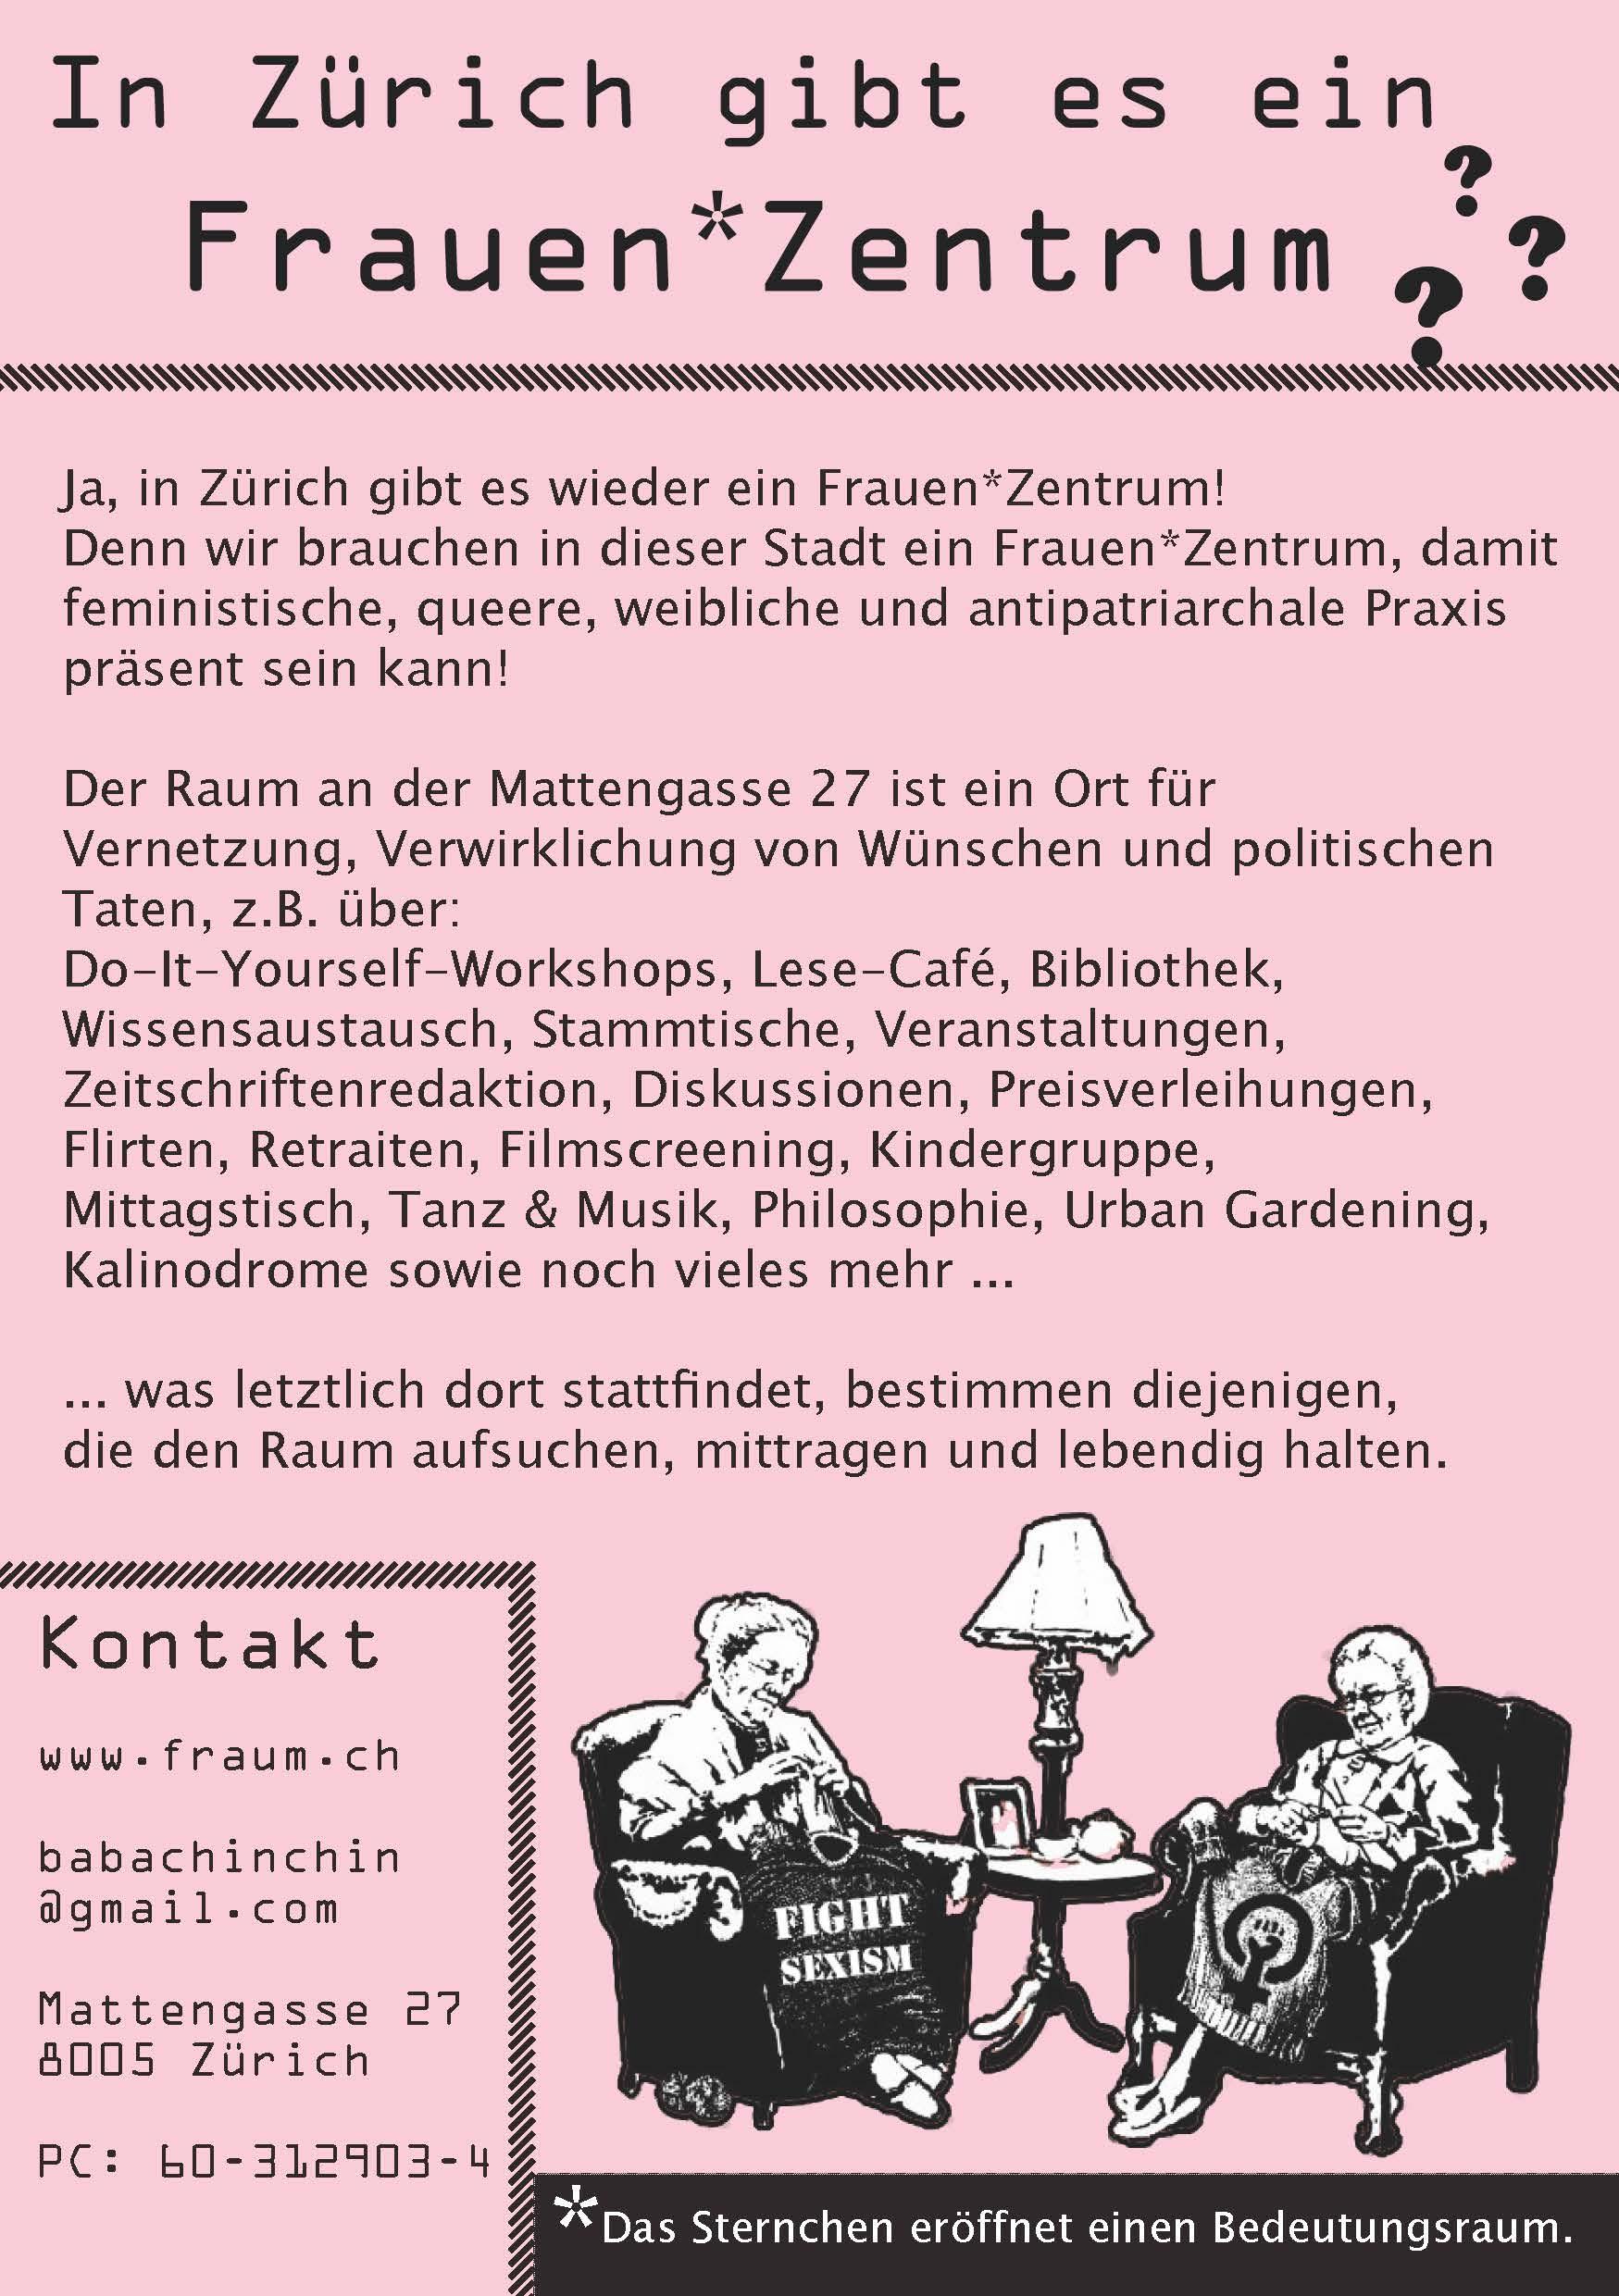 FrauenZentrum